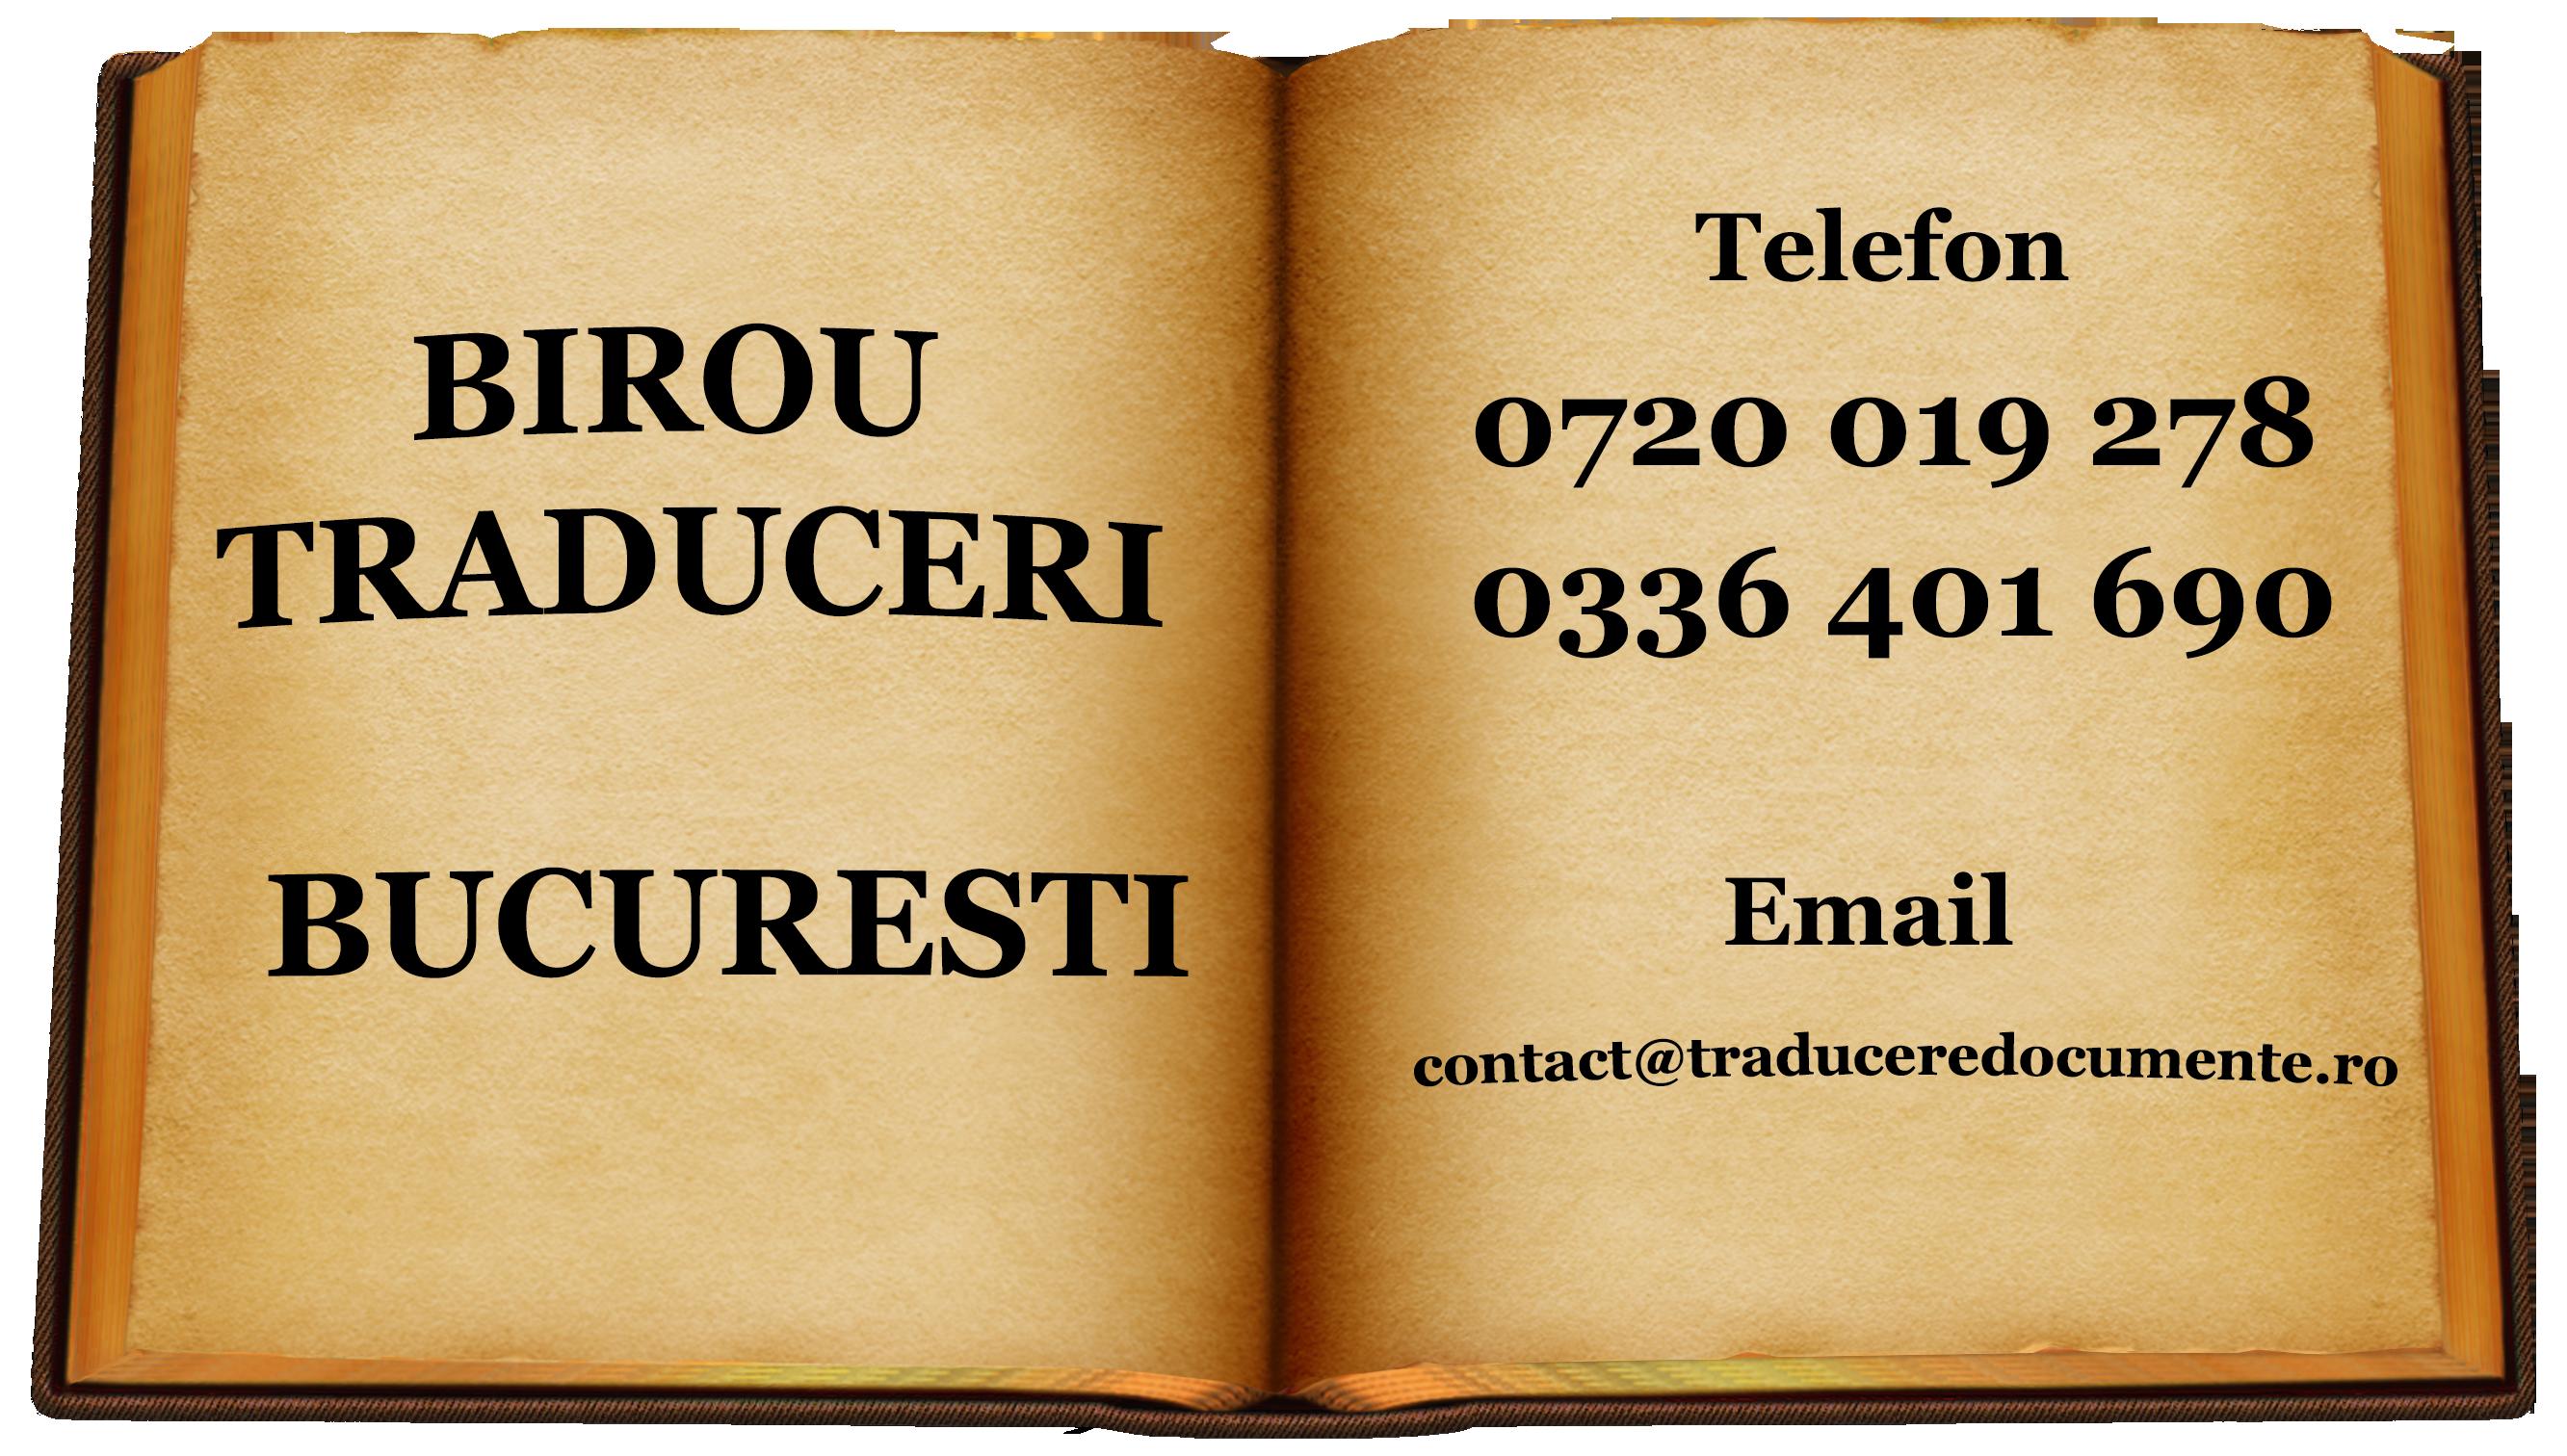 Birou traduceri Bucuresti